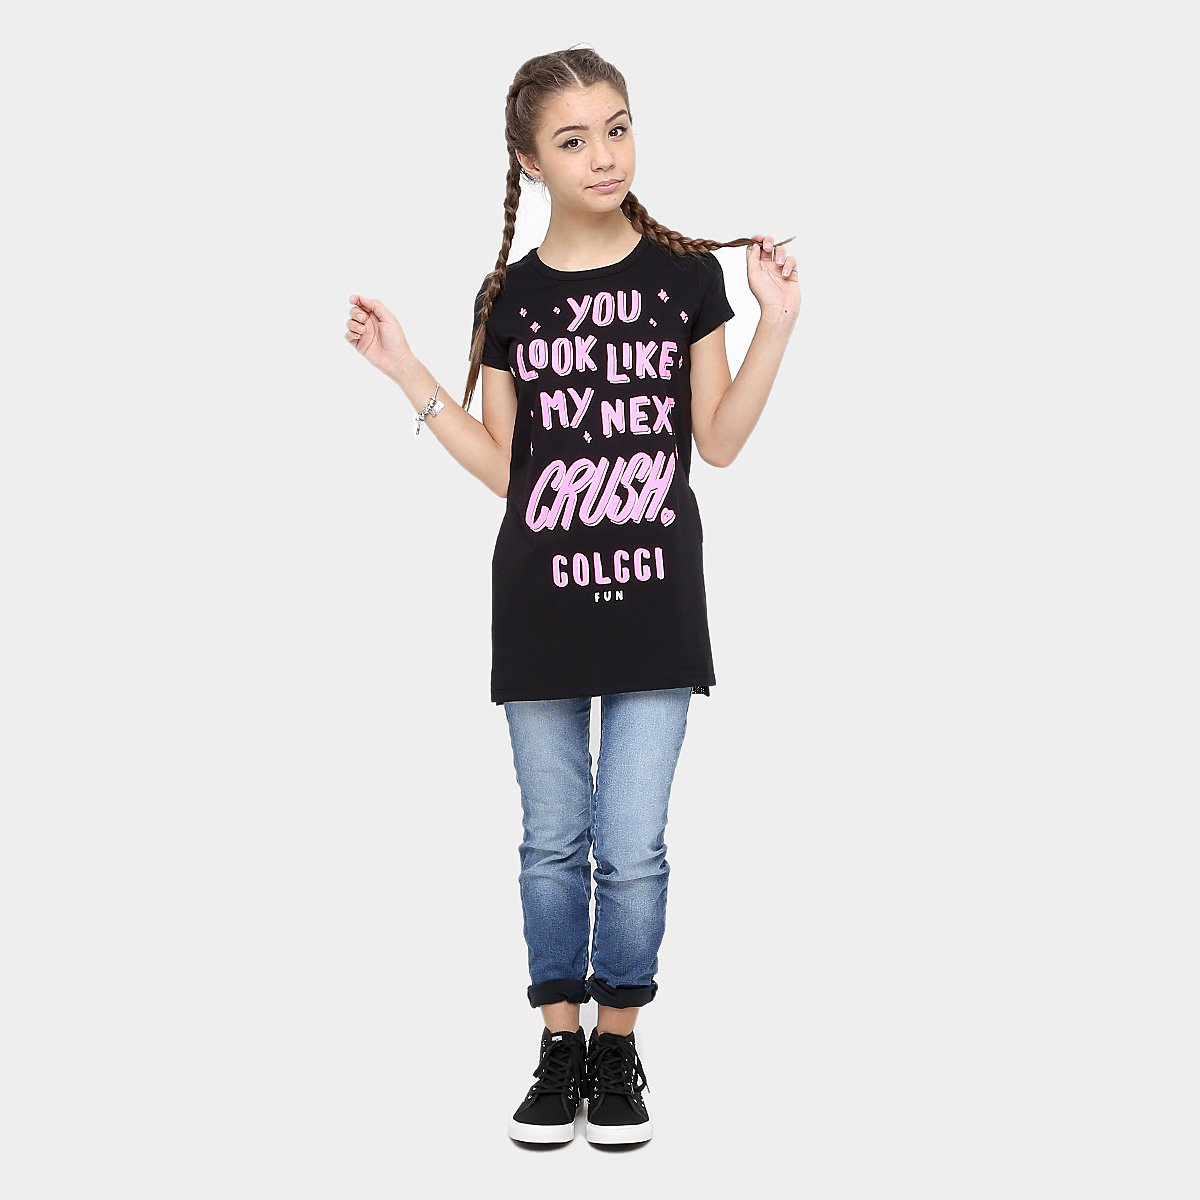 Camiseta Infantil Infantil Preto Camiseta Fun Estampada Colcci Feminina qq68r